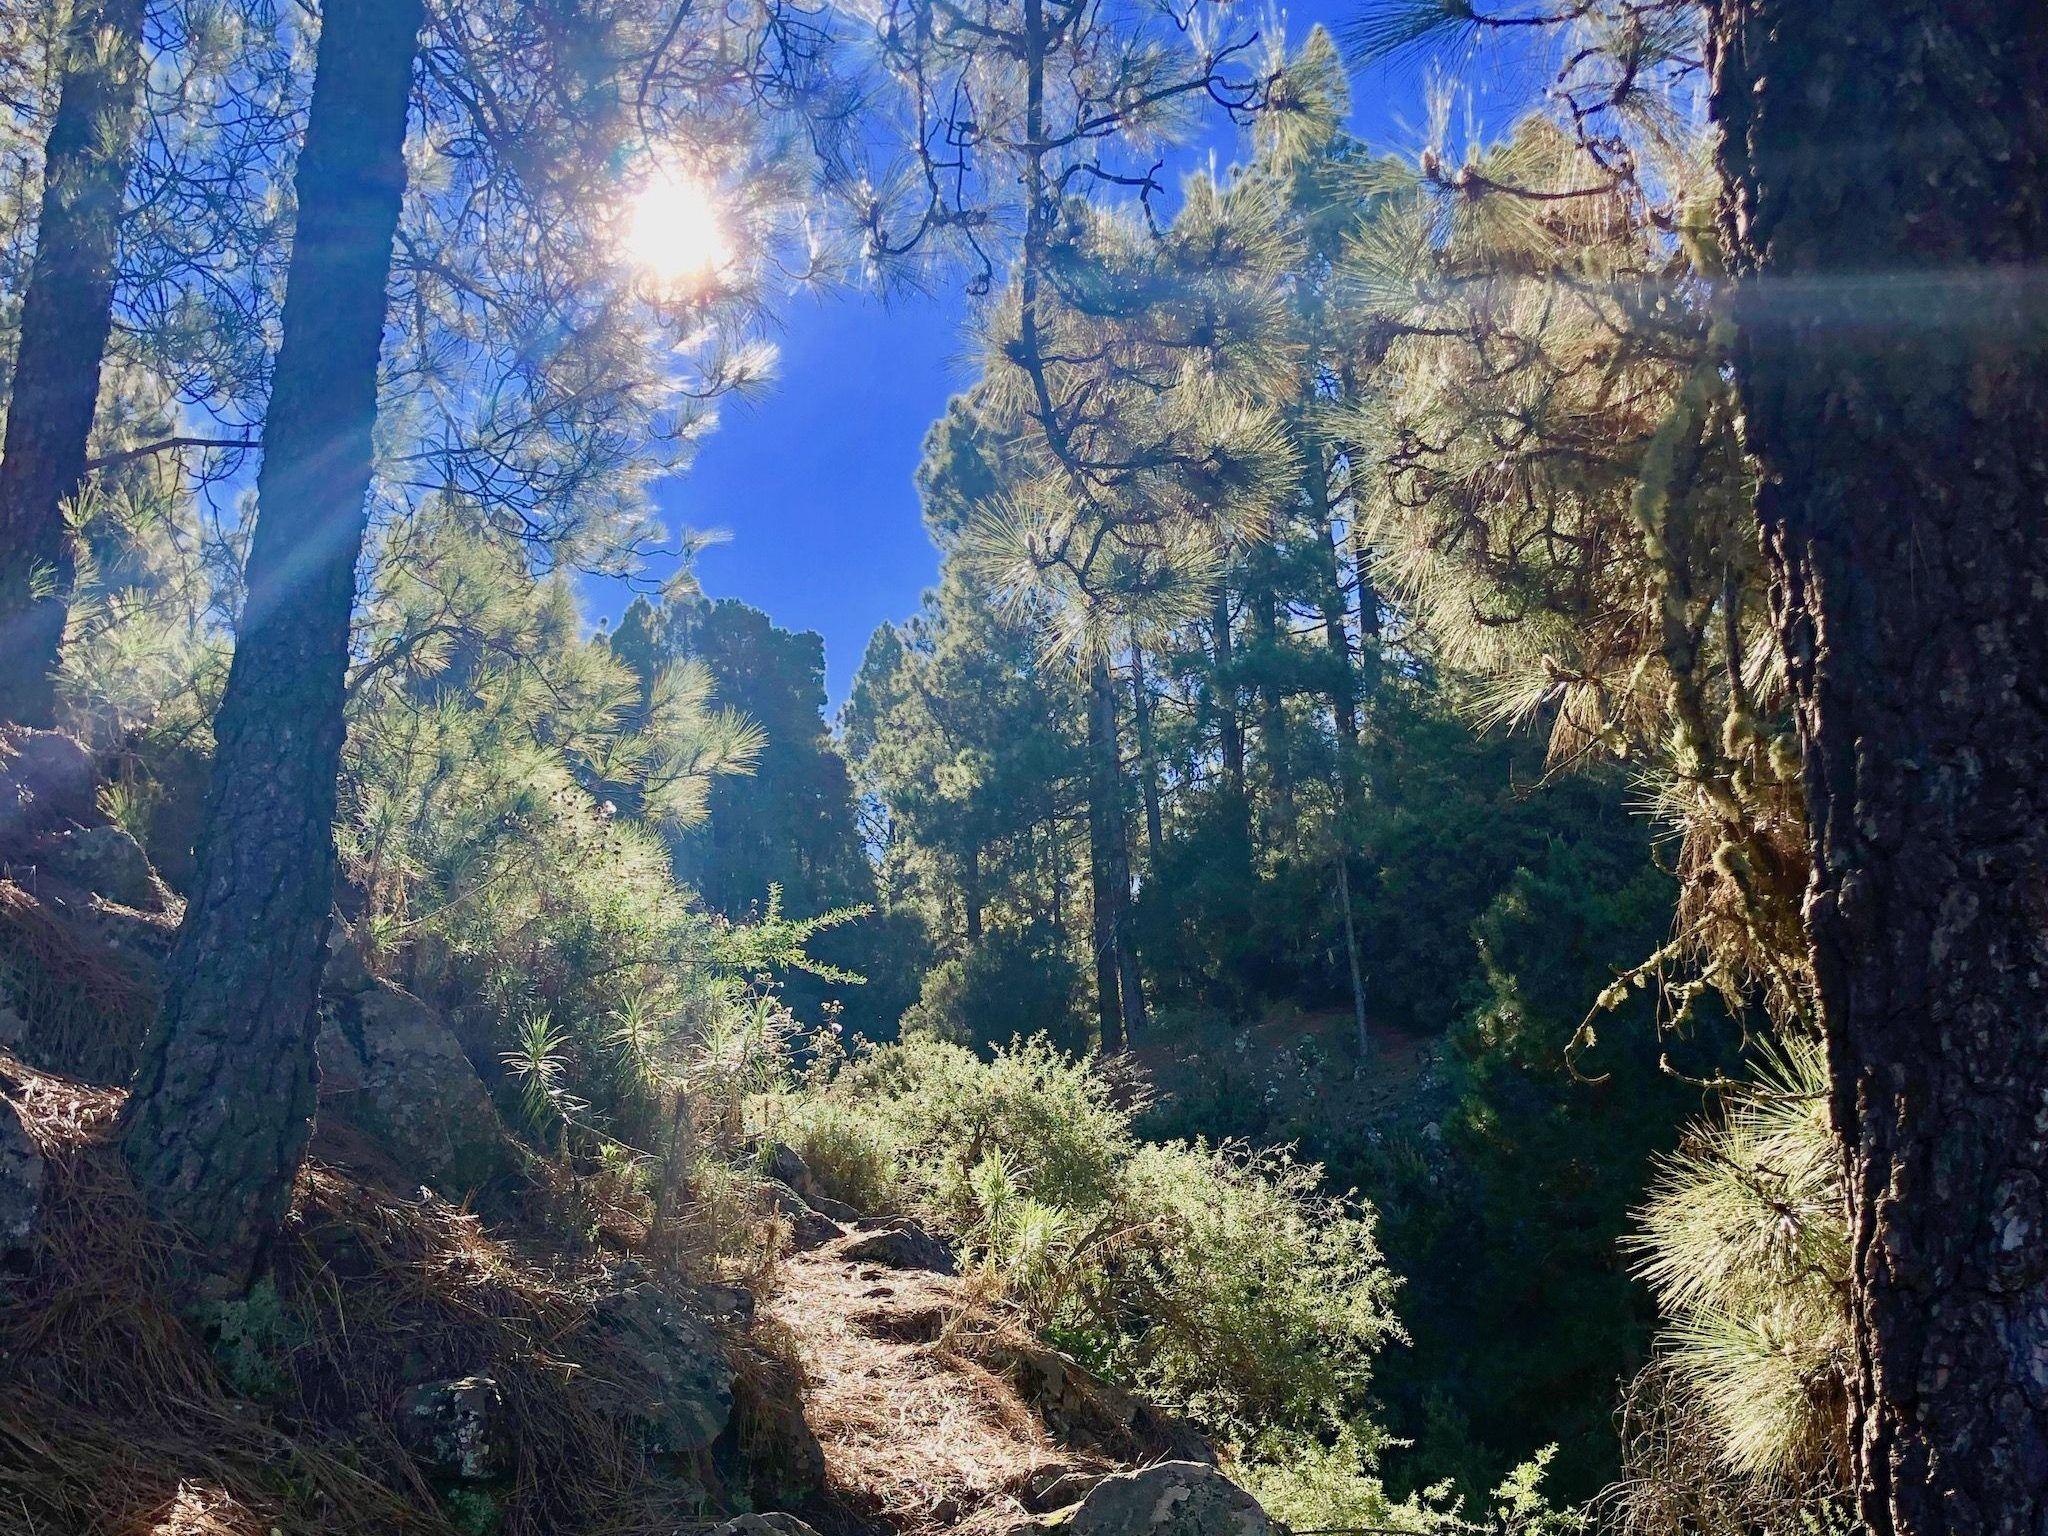 Auf Teneriffa gibt es ausgedehnte Nadelwälder – die ein wenig an Kanada oder Skandinavien erinnern. Foto: Sascha Tegtmeyer